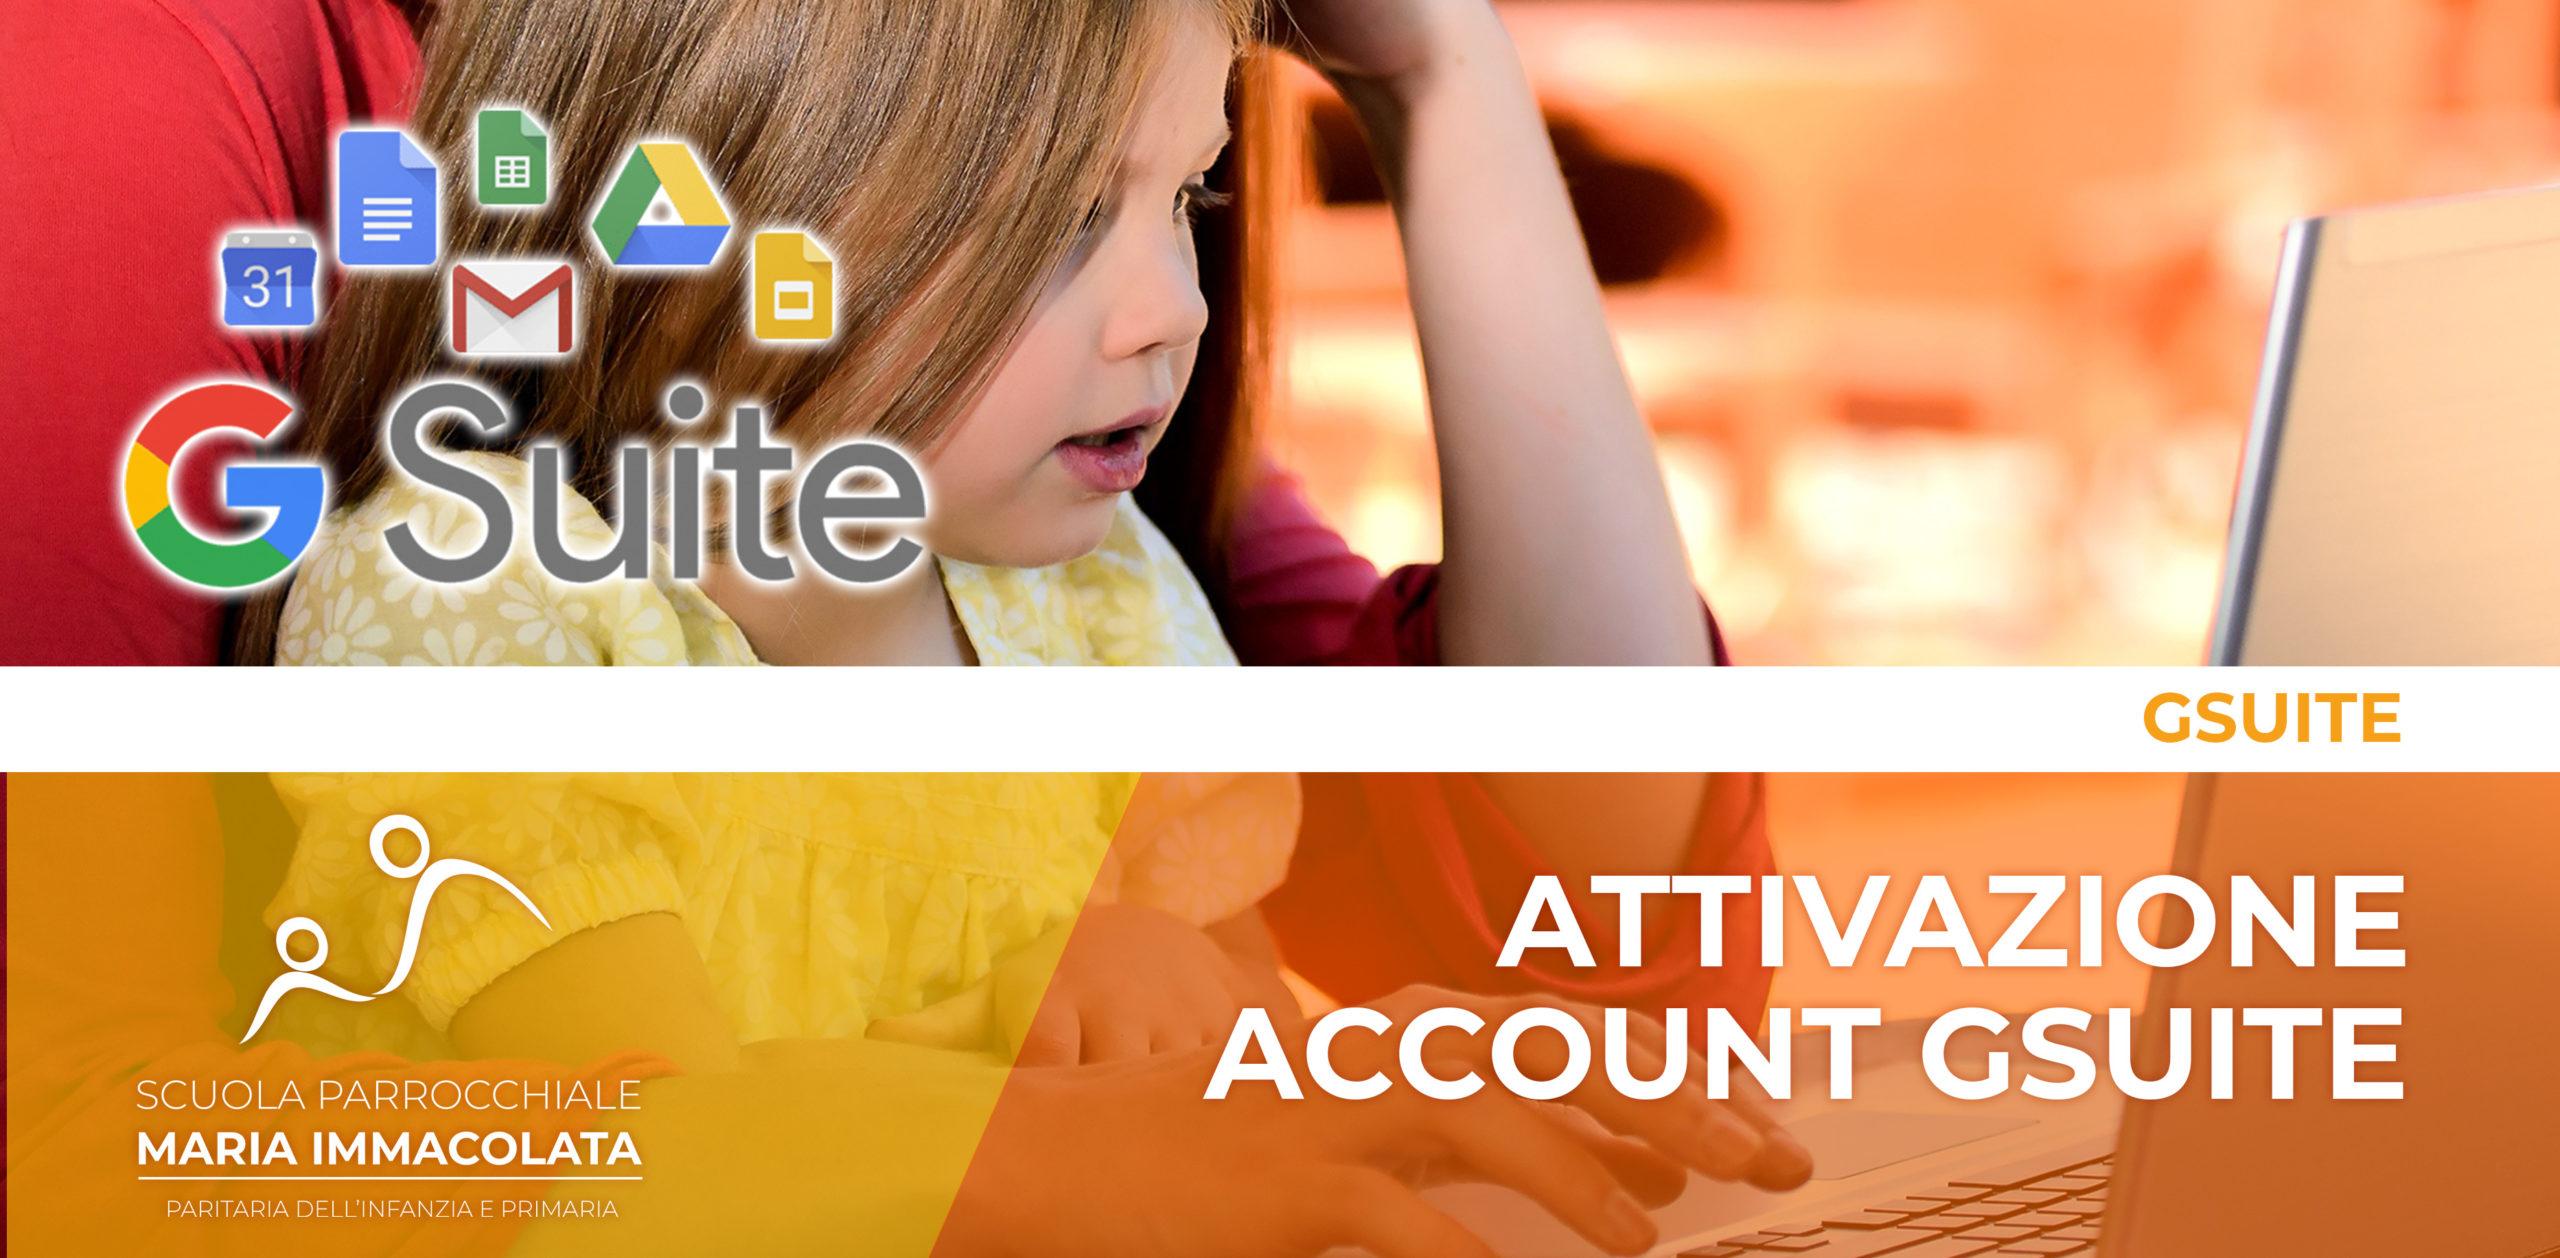 Guida per attivare l'account Google Suite della scuola